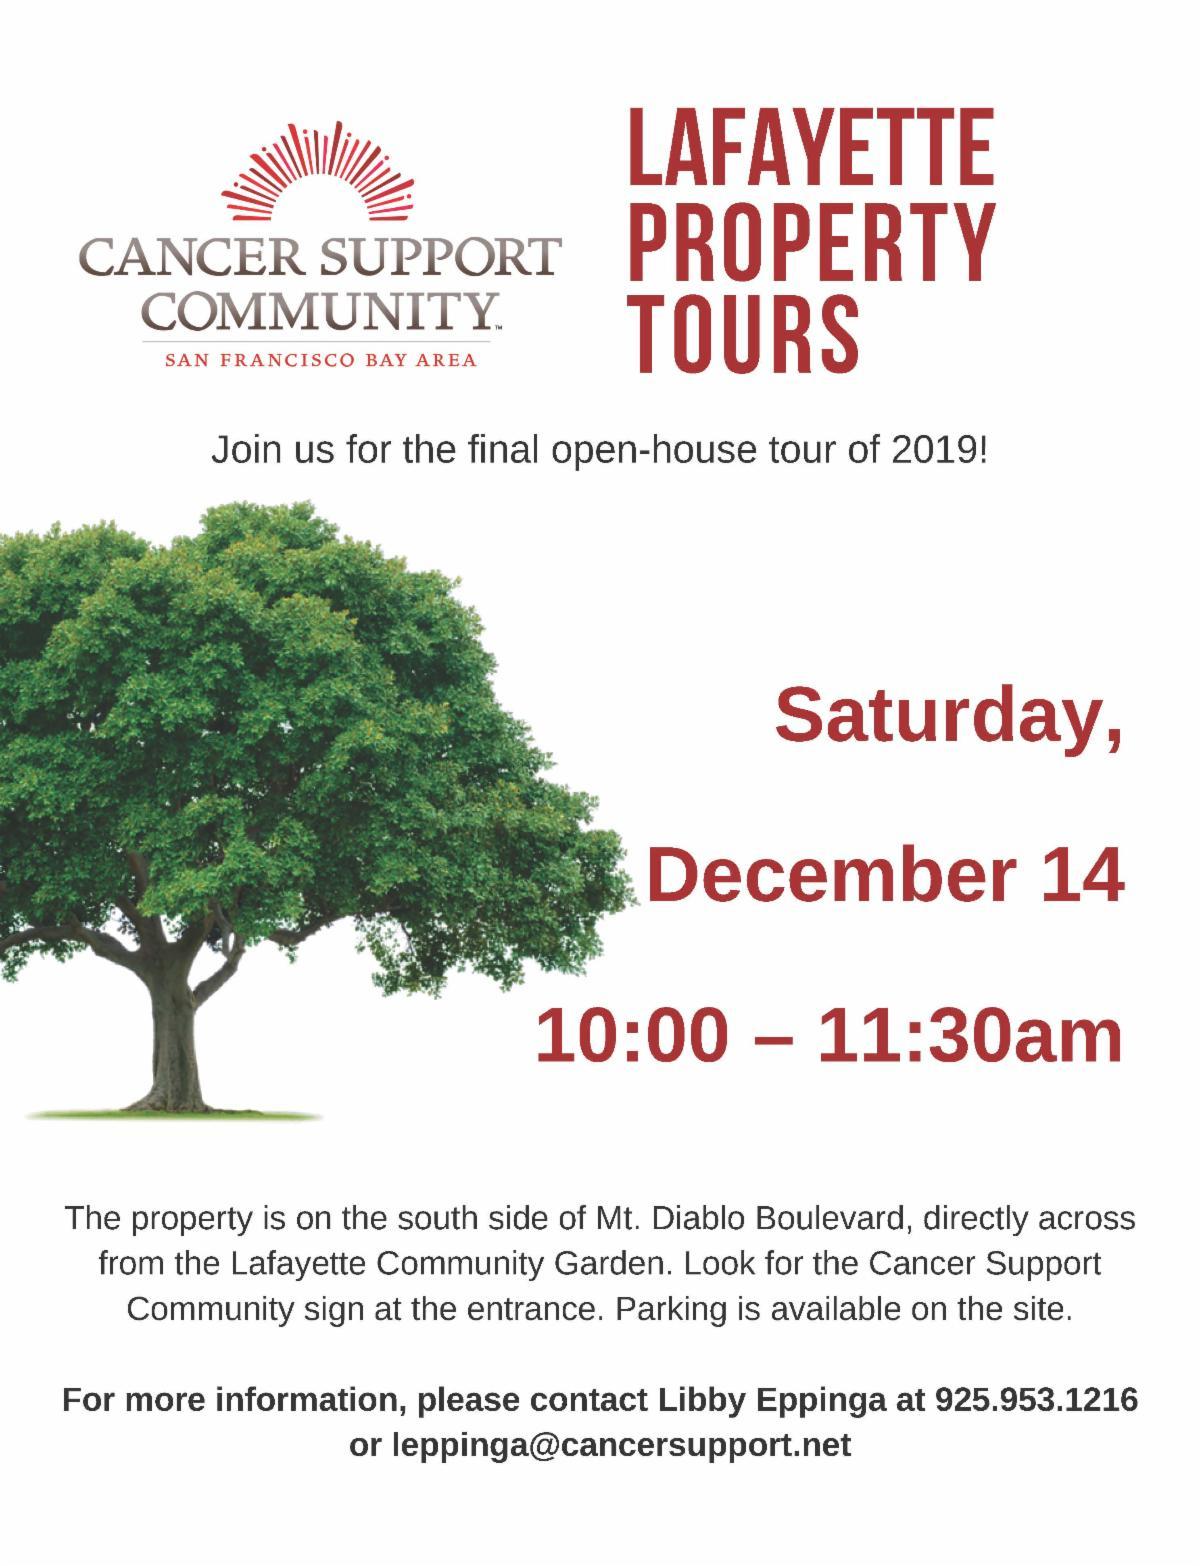 Lafayette Property Tour - Dec. 14